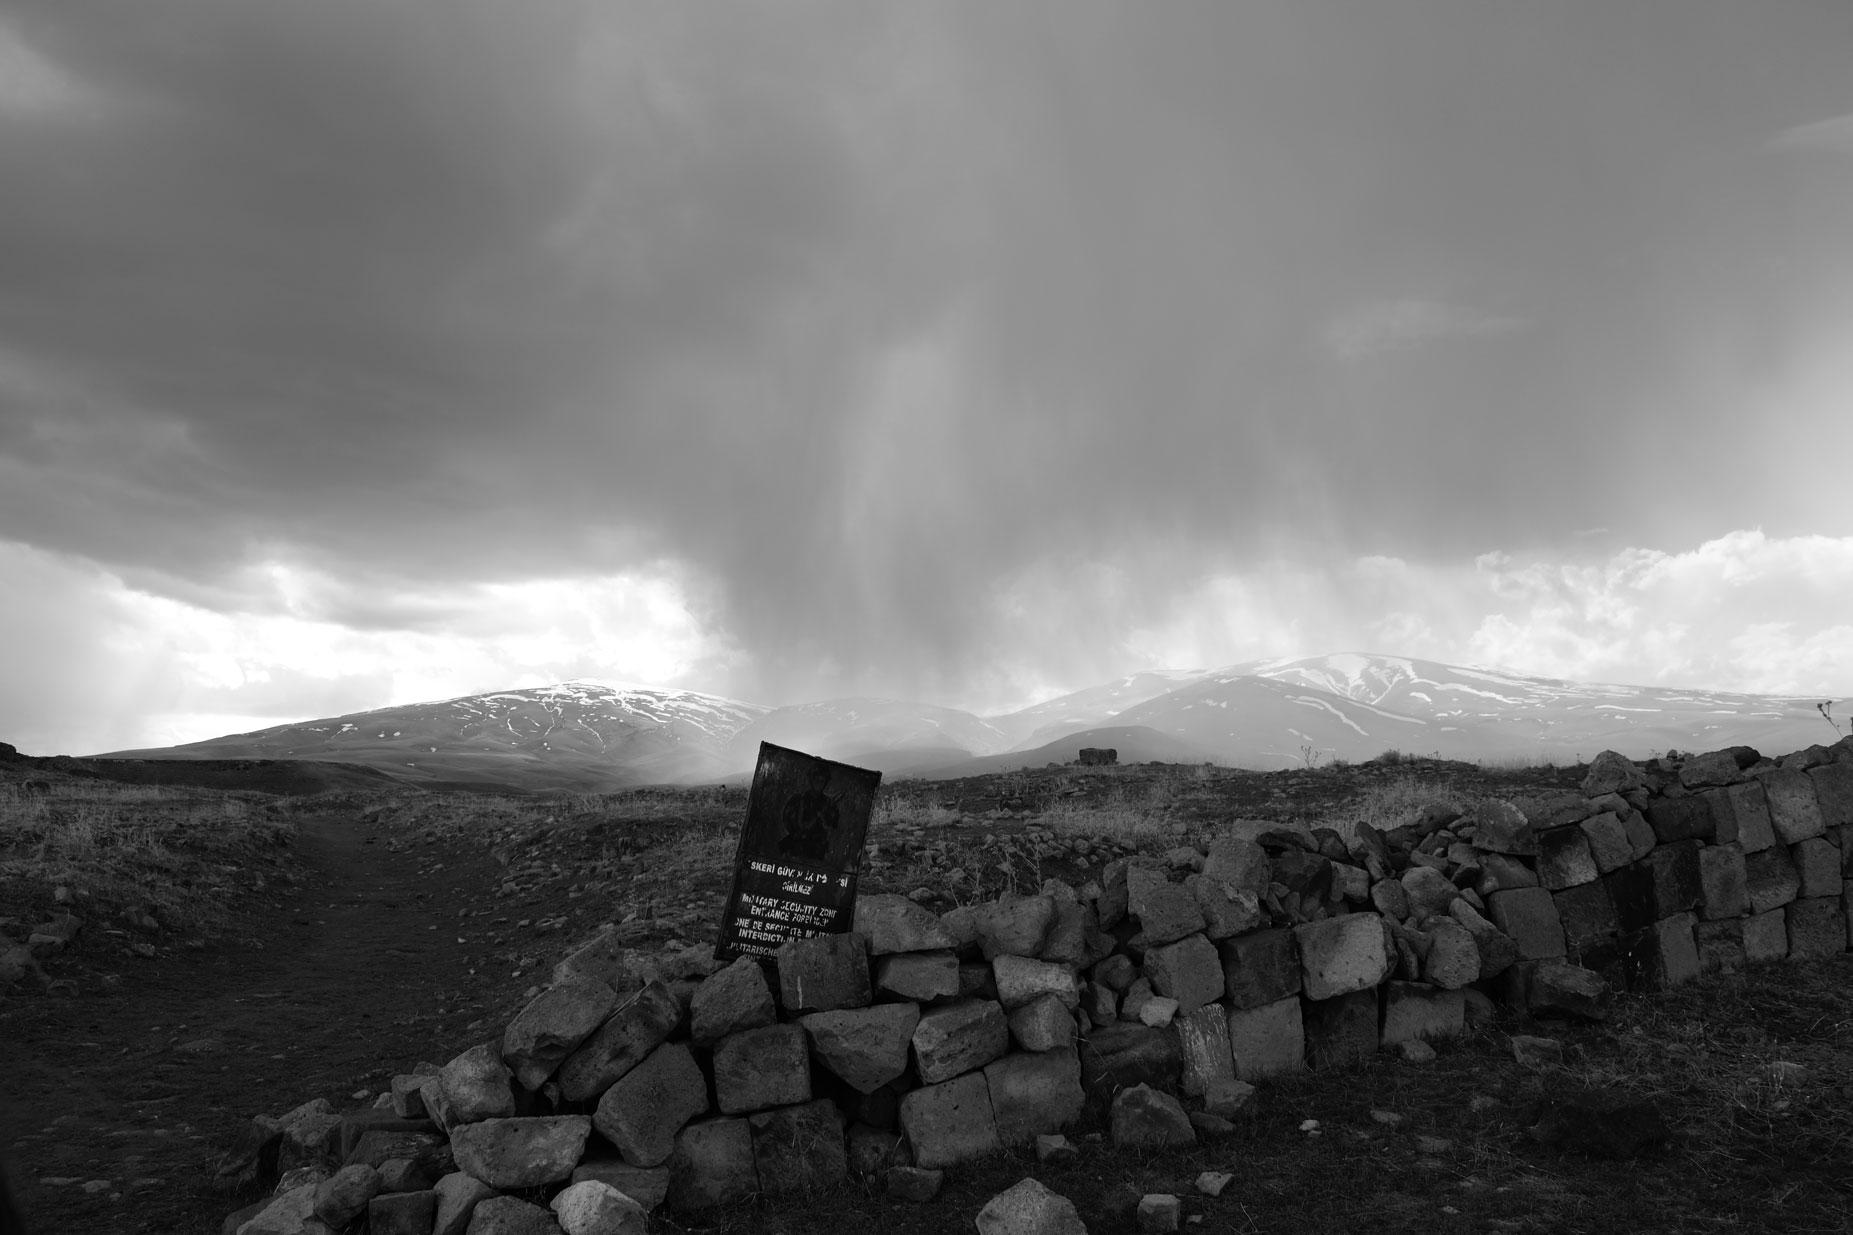 Unwetterartige Regenwolken hinter einer Steinmauer